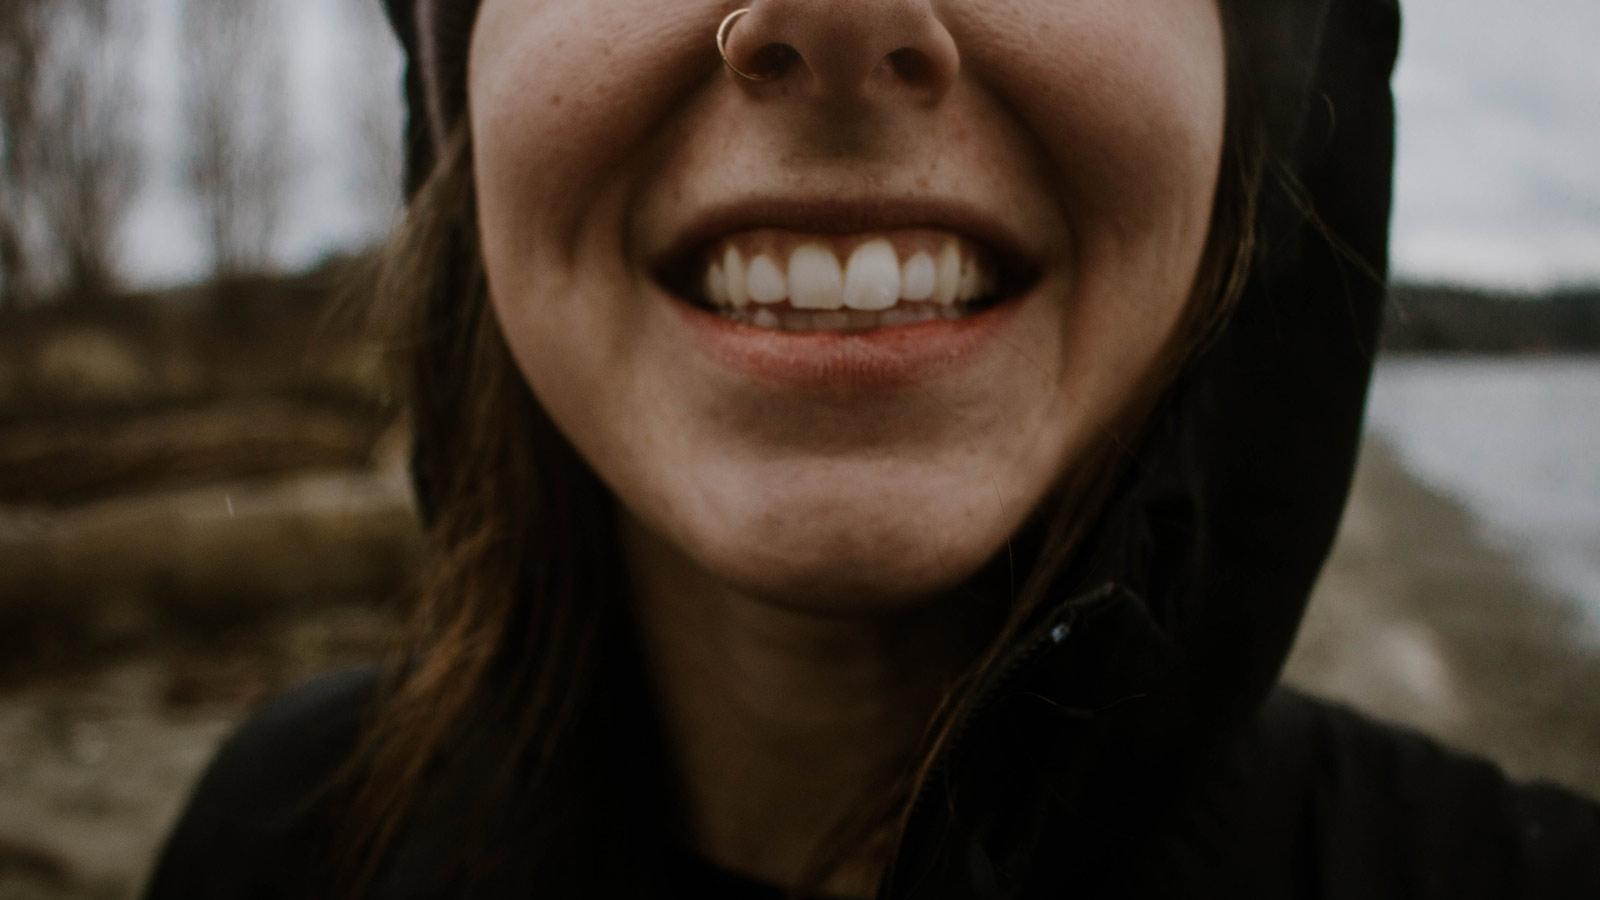 Malilla-Dental-cuantos-dientes-tiene-el-ser-humano